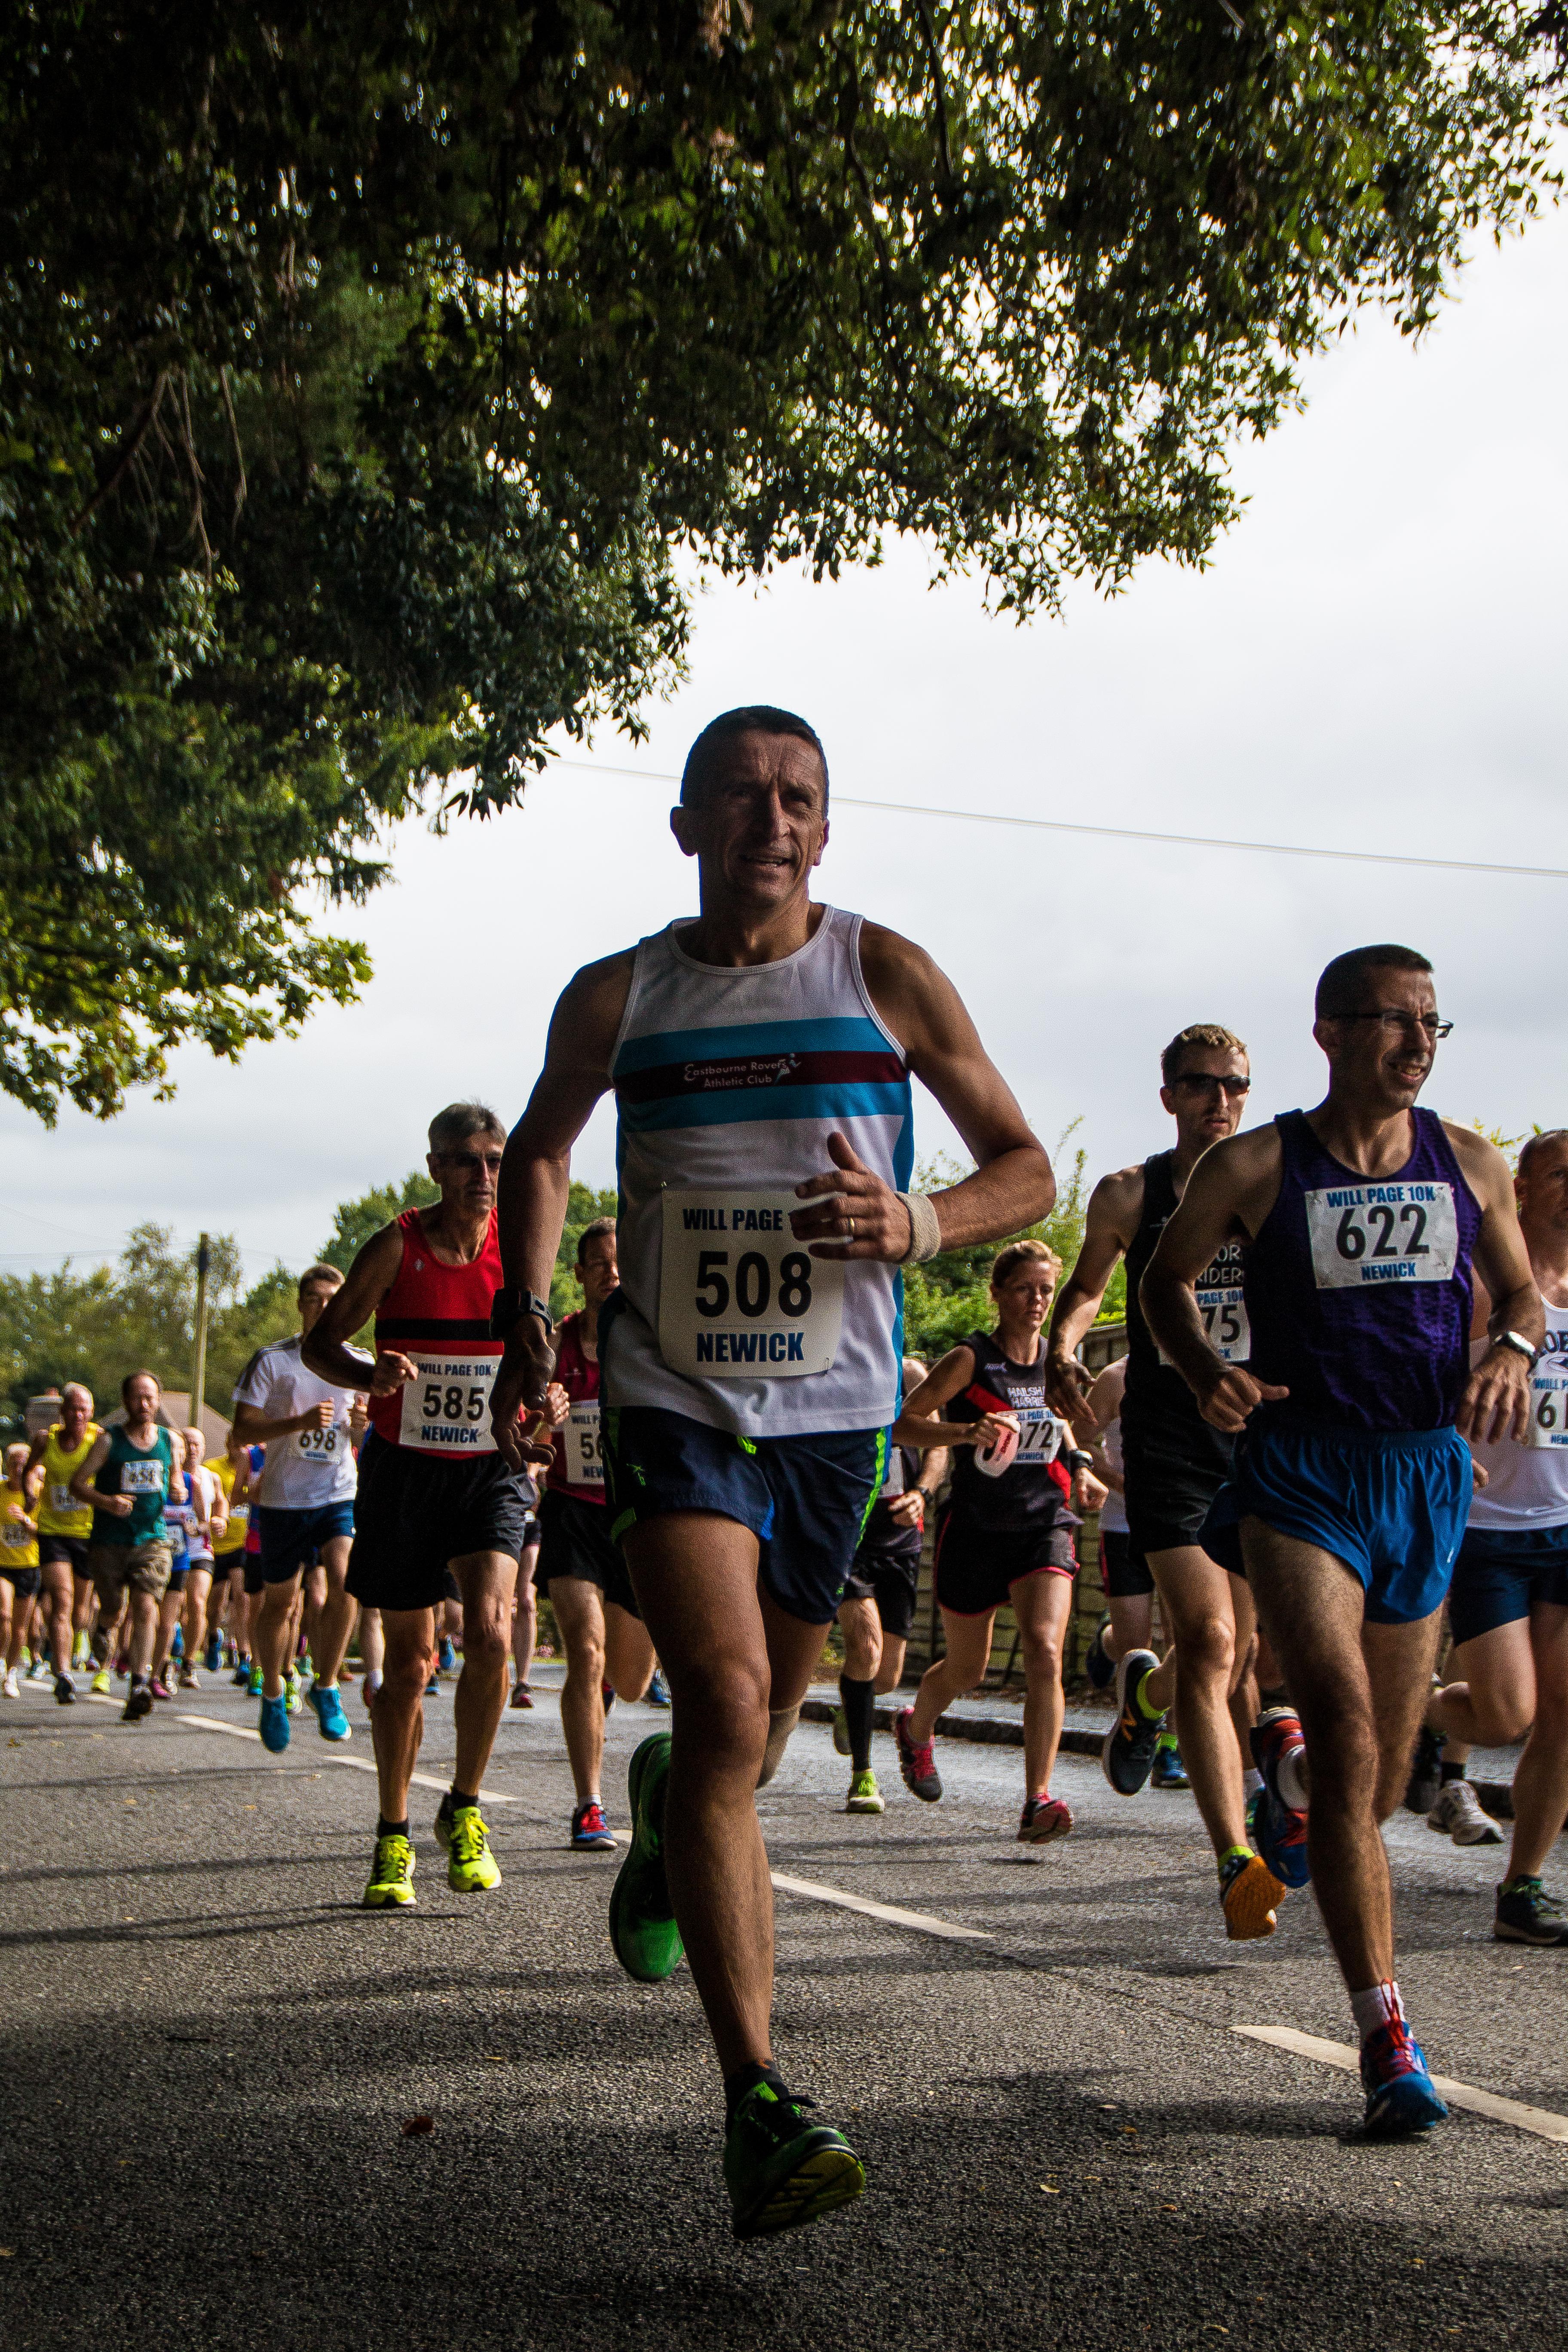 Runner - 508